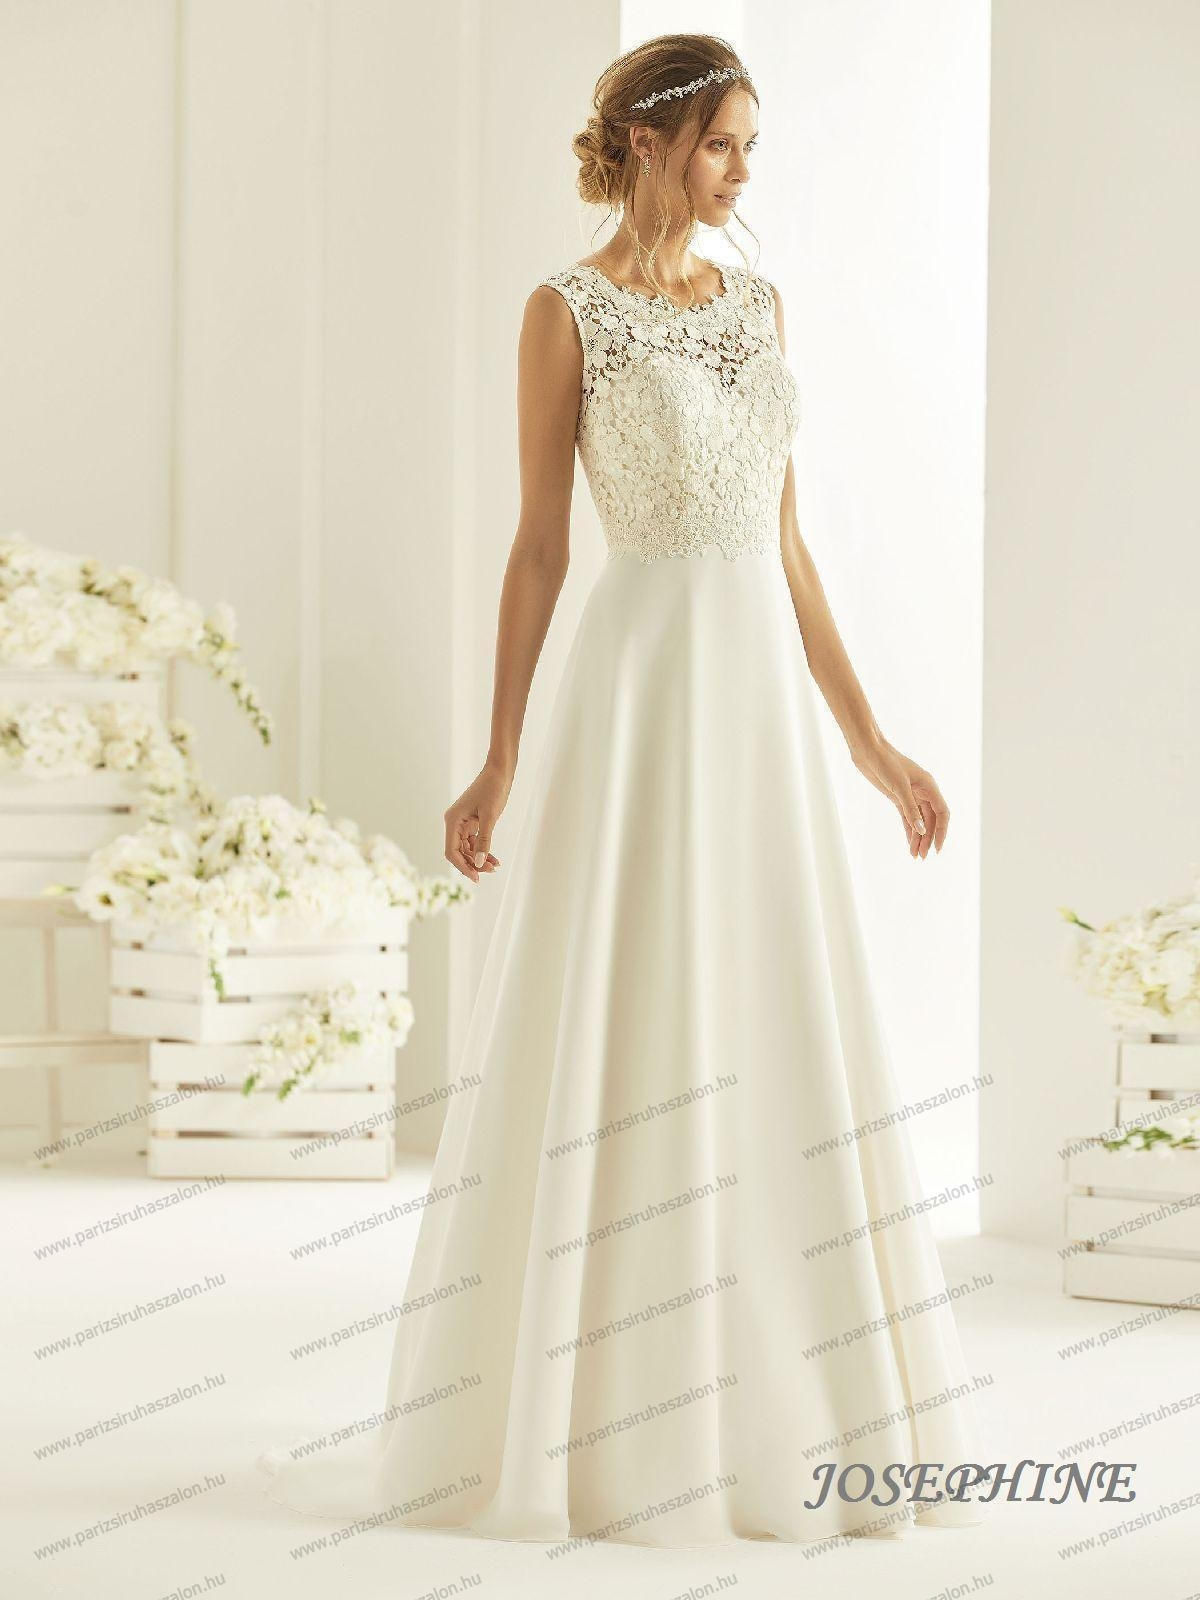 JOSEPHINE menyasszonyi ruha  4606e97769